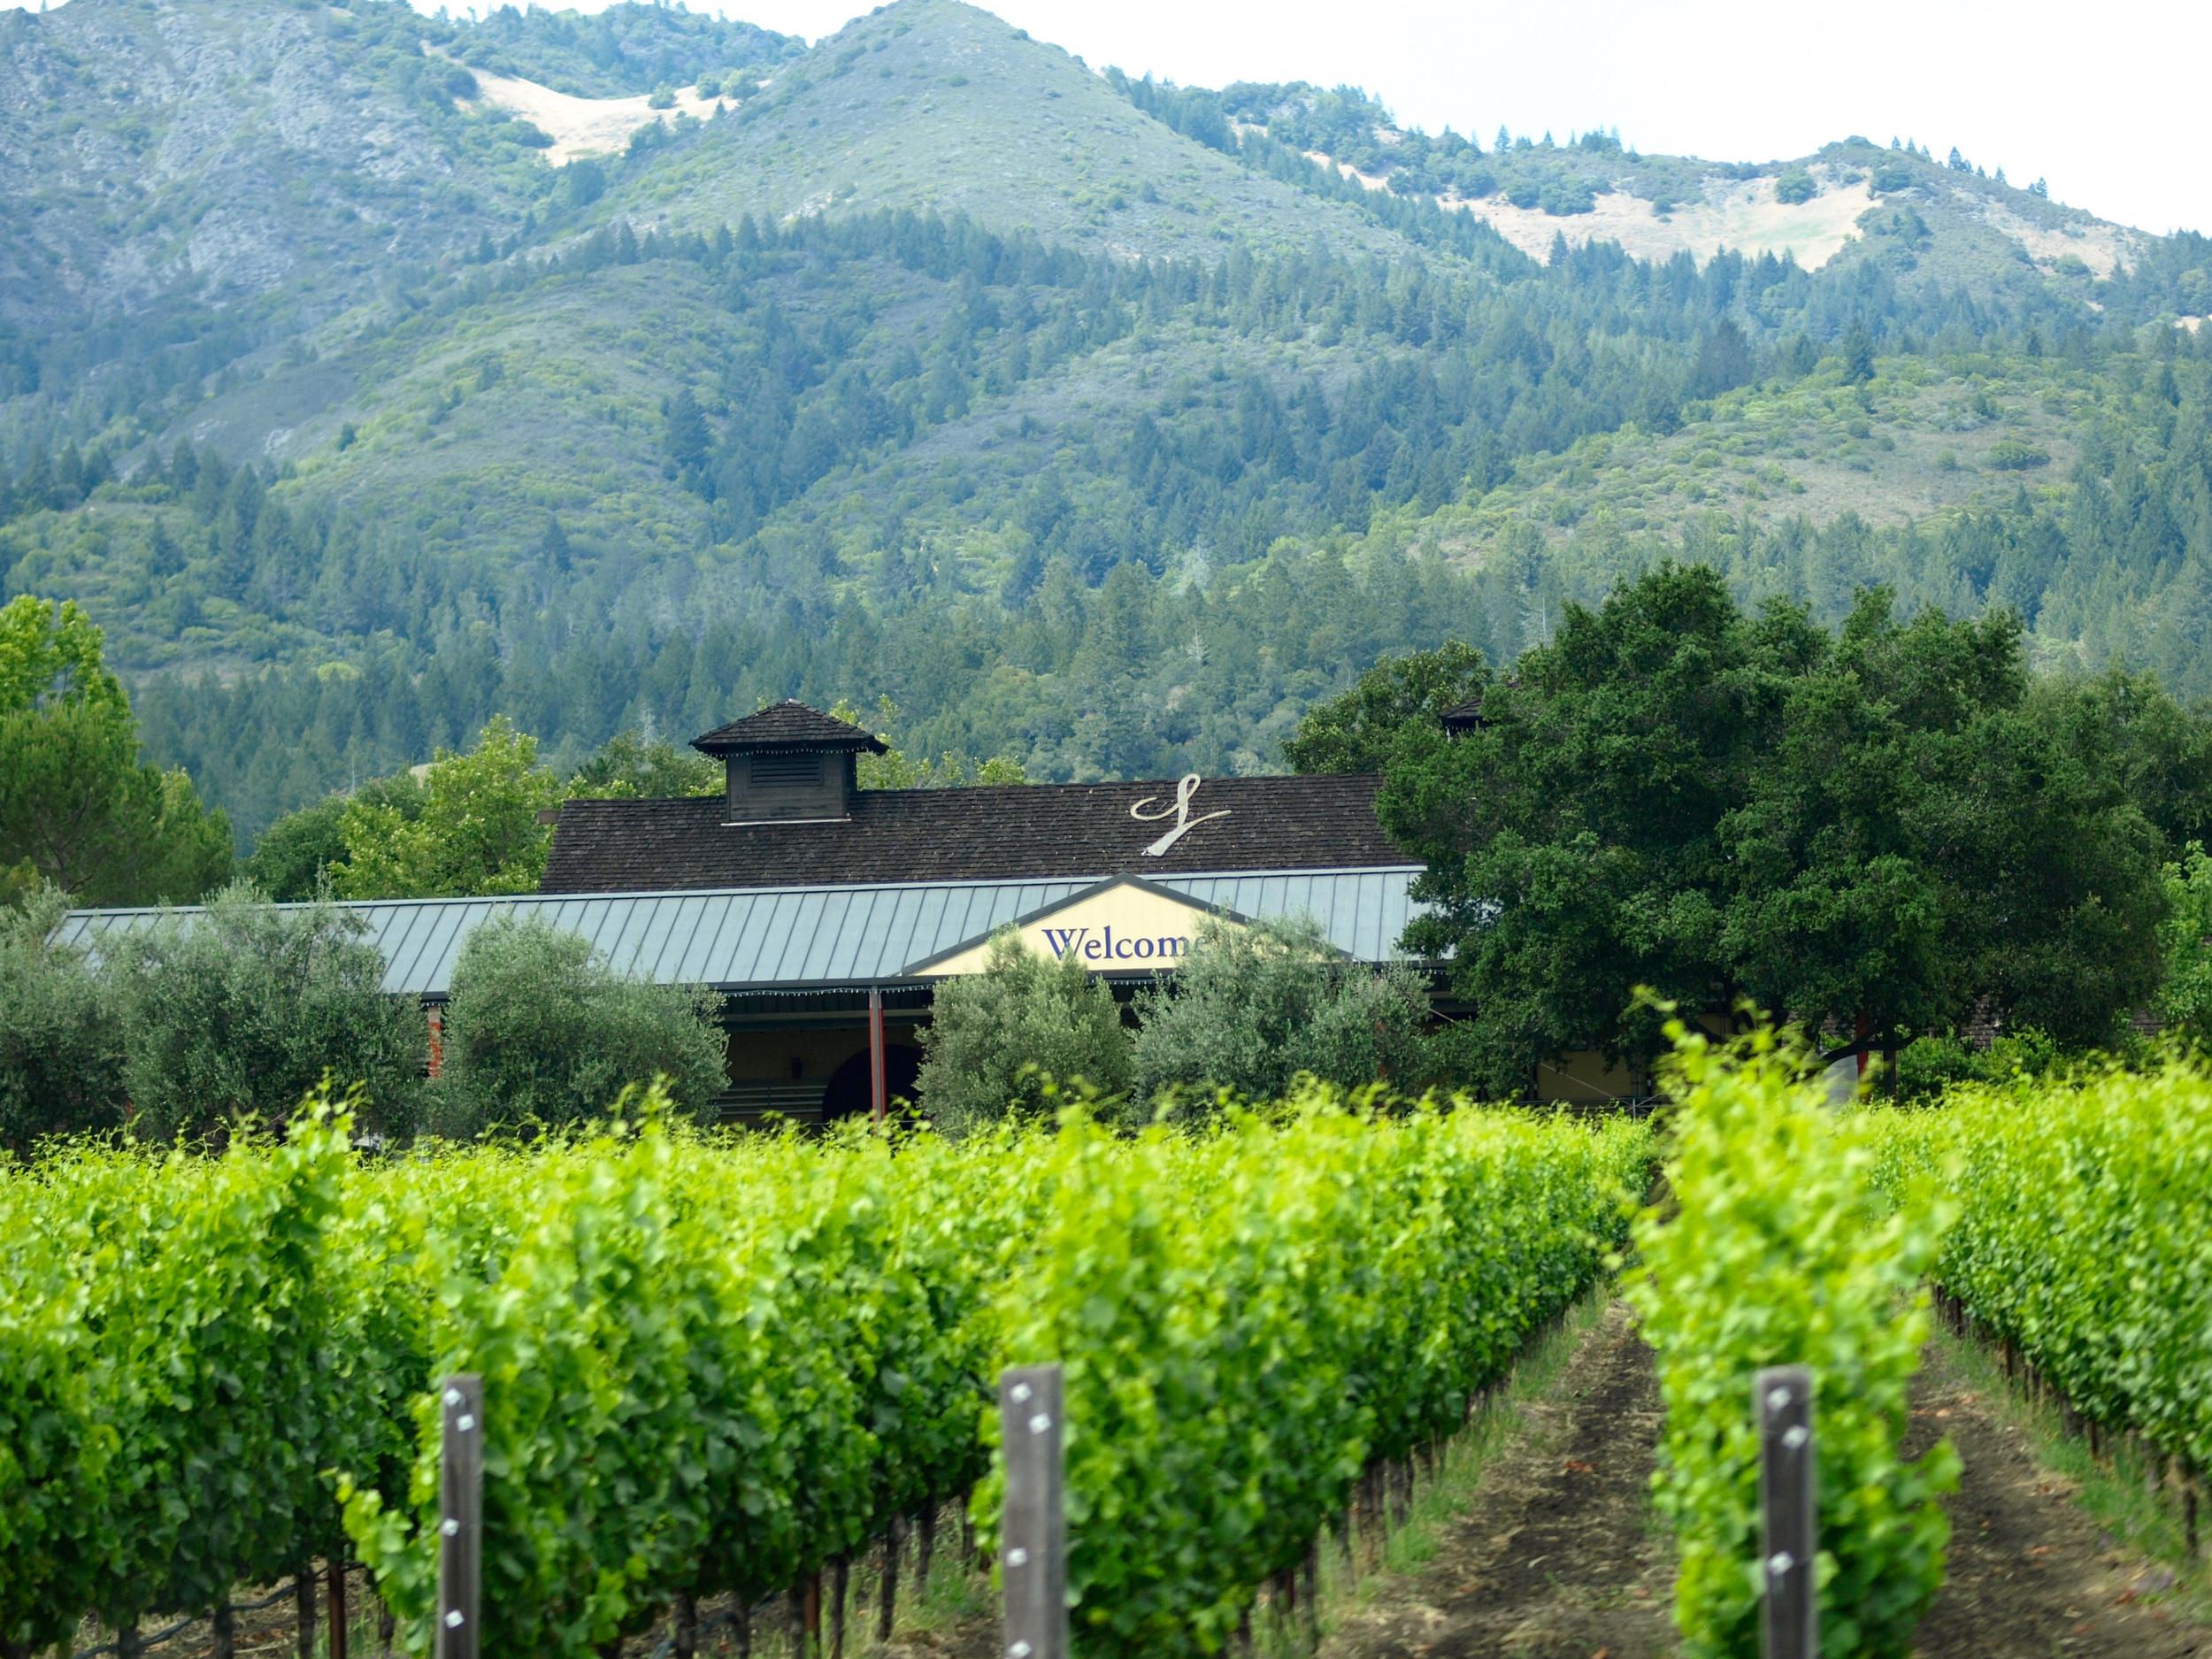 vineyard-in-sonoma.jpg